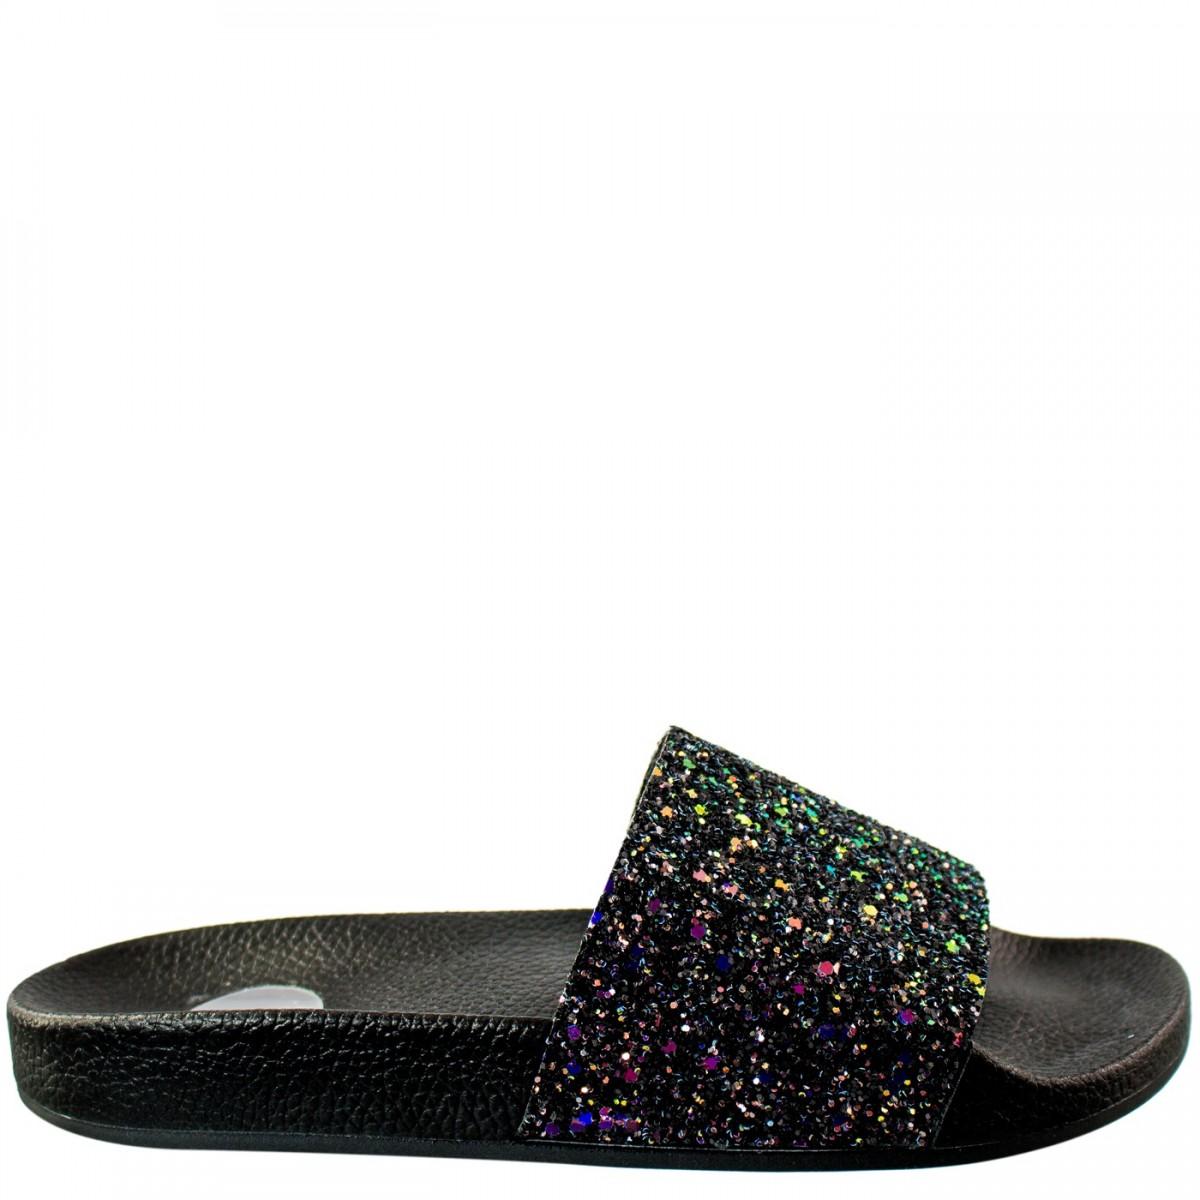 19bcf7de6 Bizz Store - Chinelo Slide Feminino Vizzano Maxi Glitter Metalizado